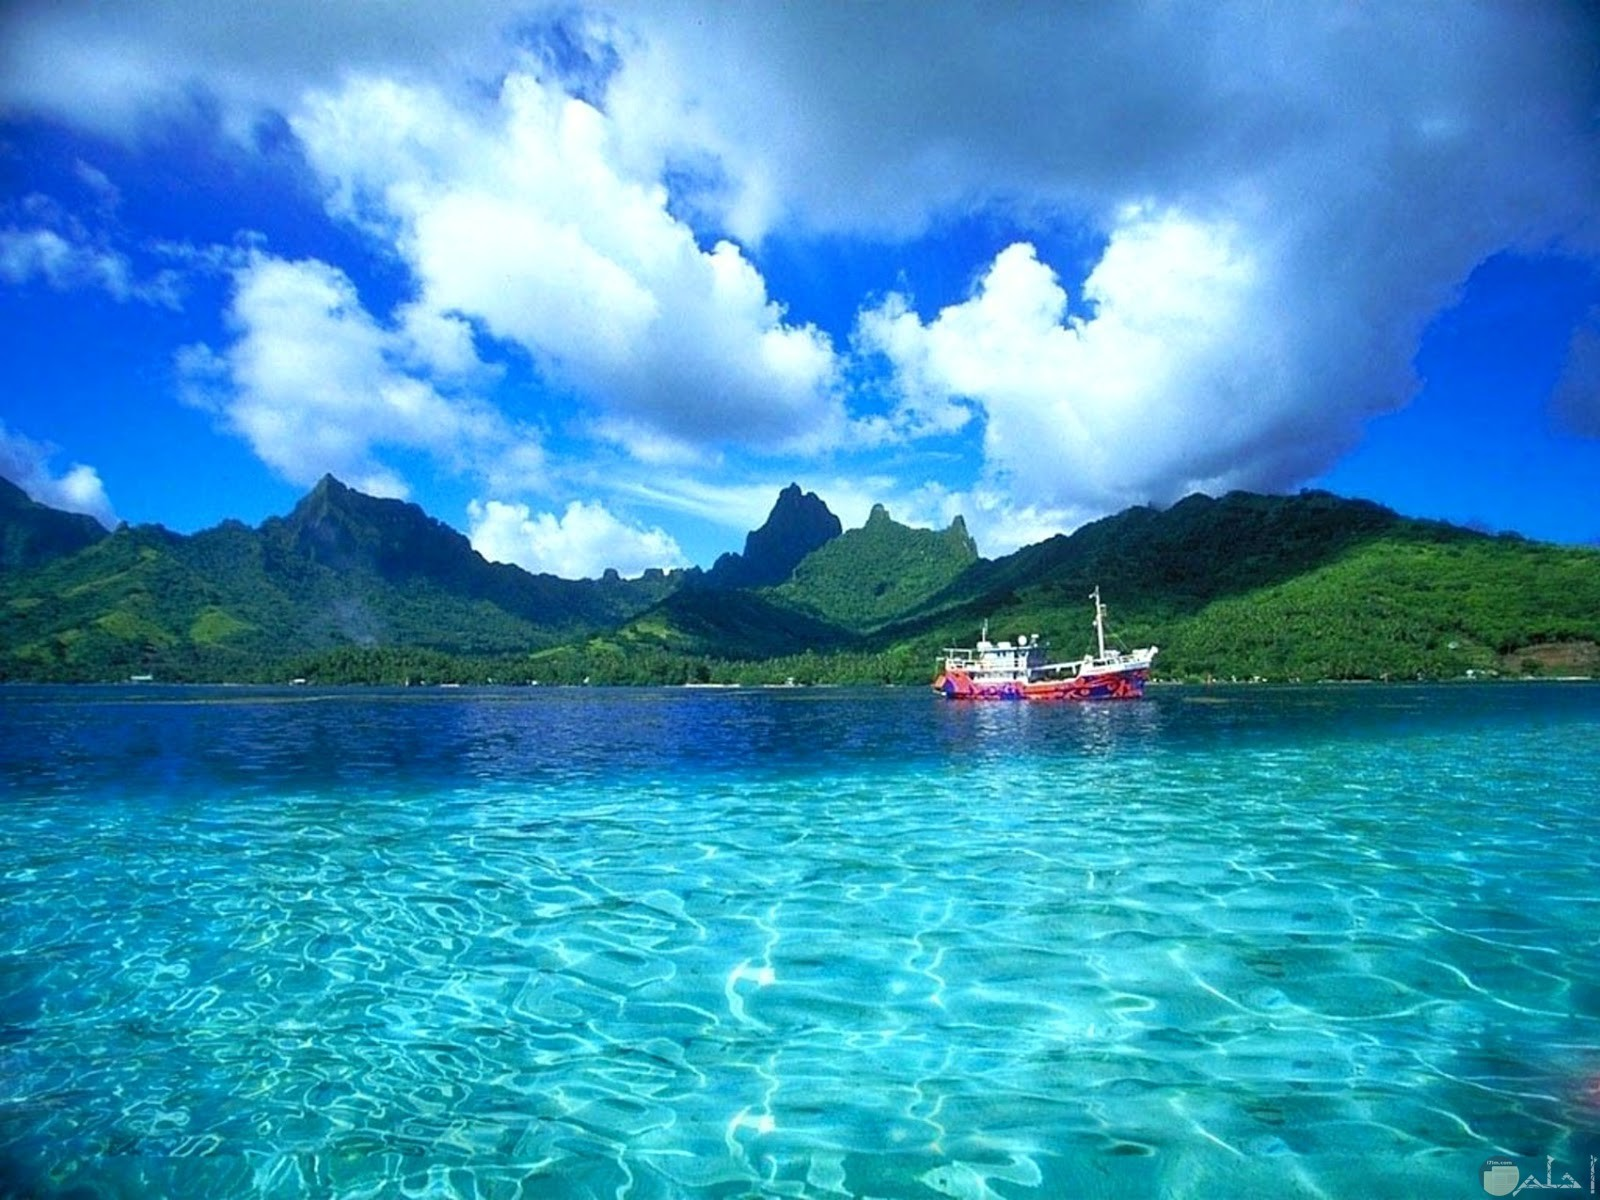 لقطة مميزة لمياه بحر صافية